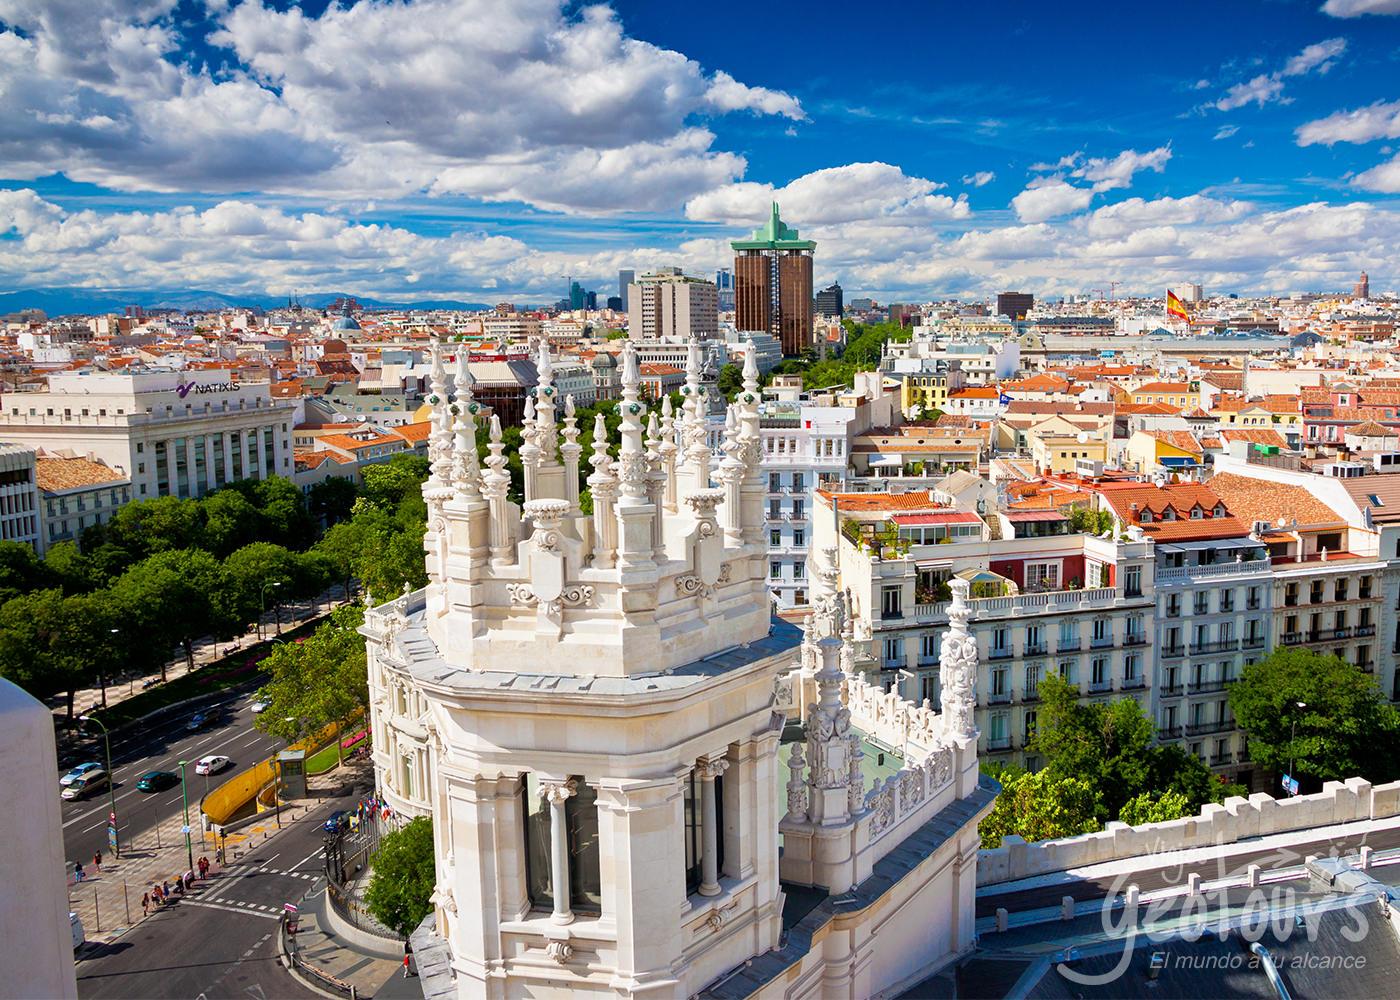 Andalucía en tren (5 días) inicio/fin Madrid